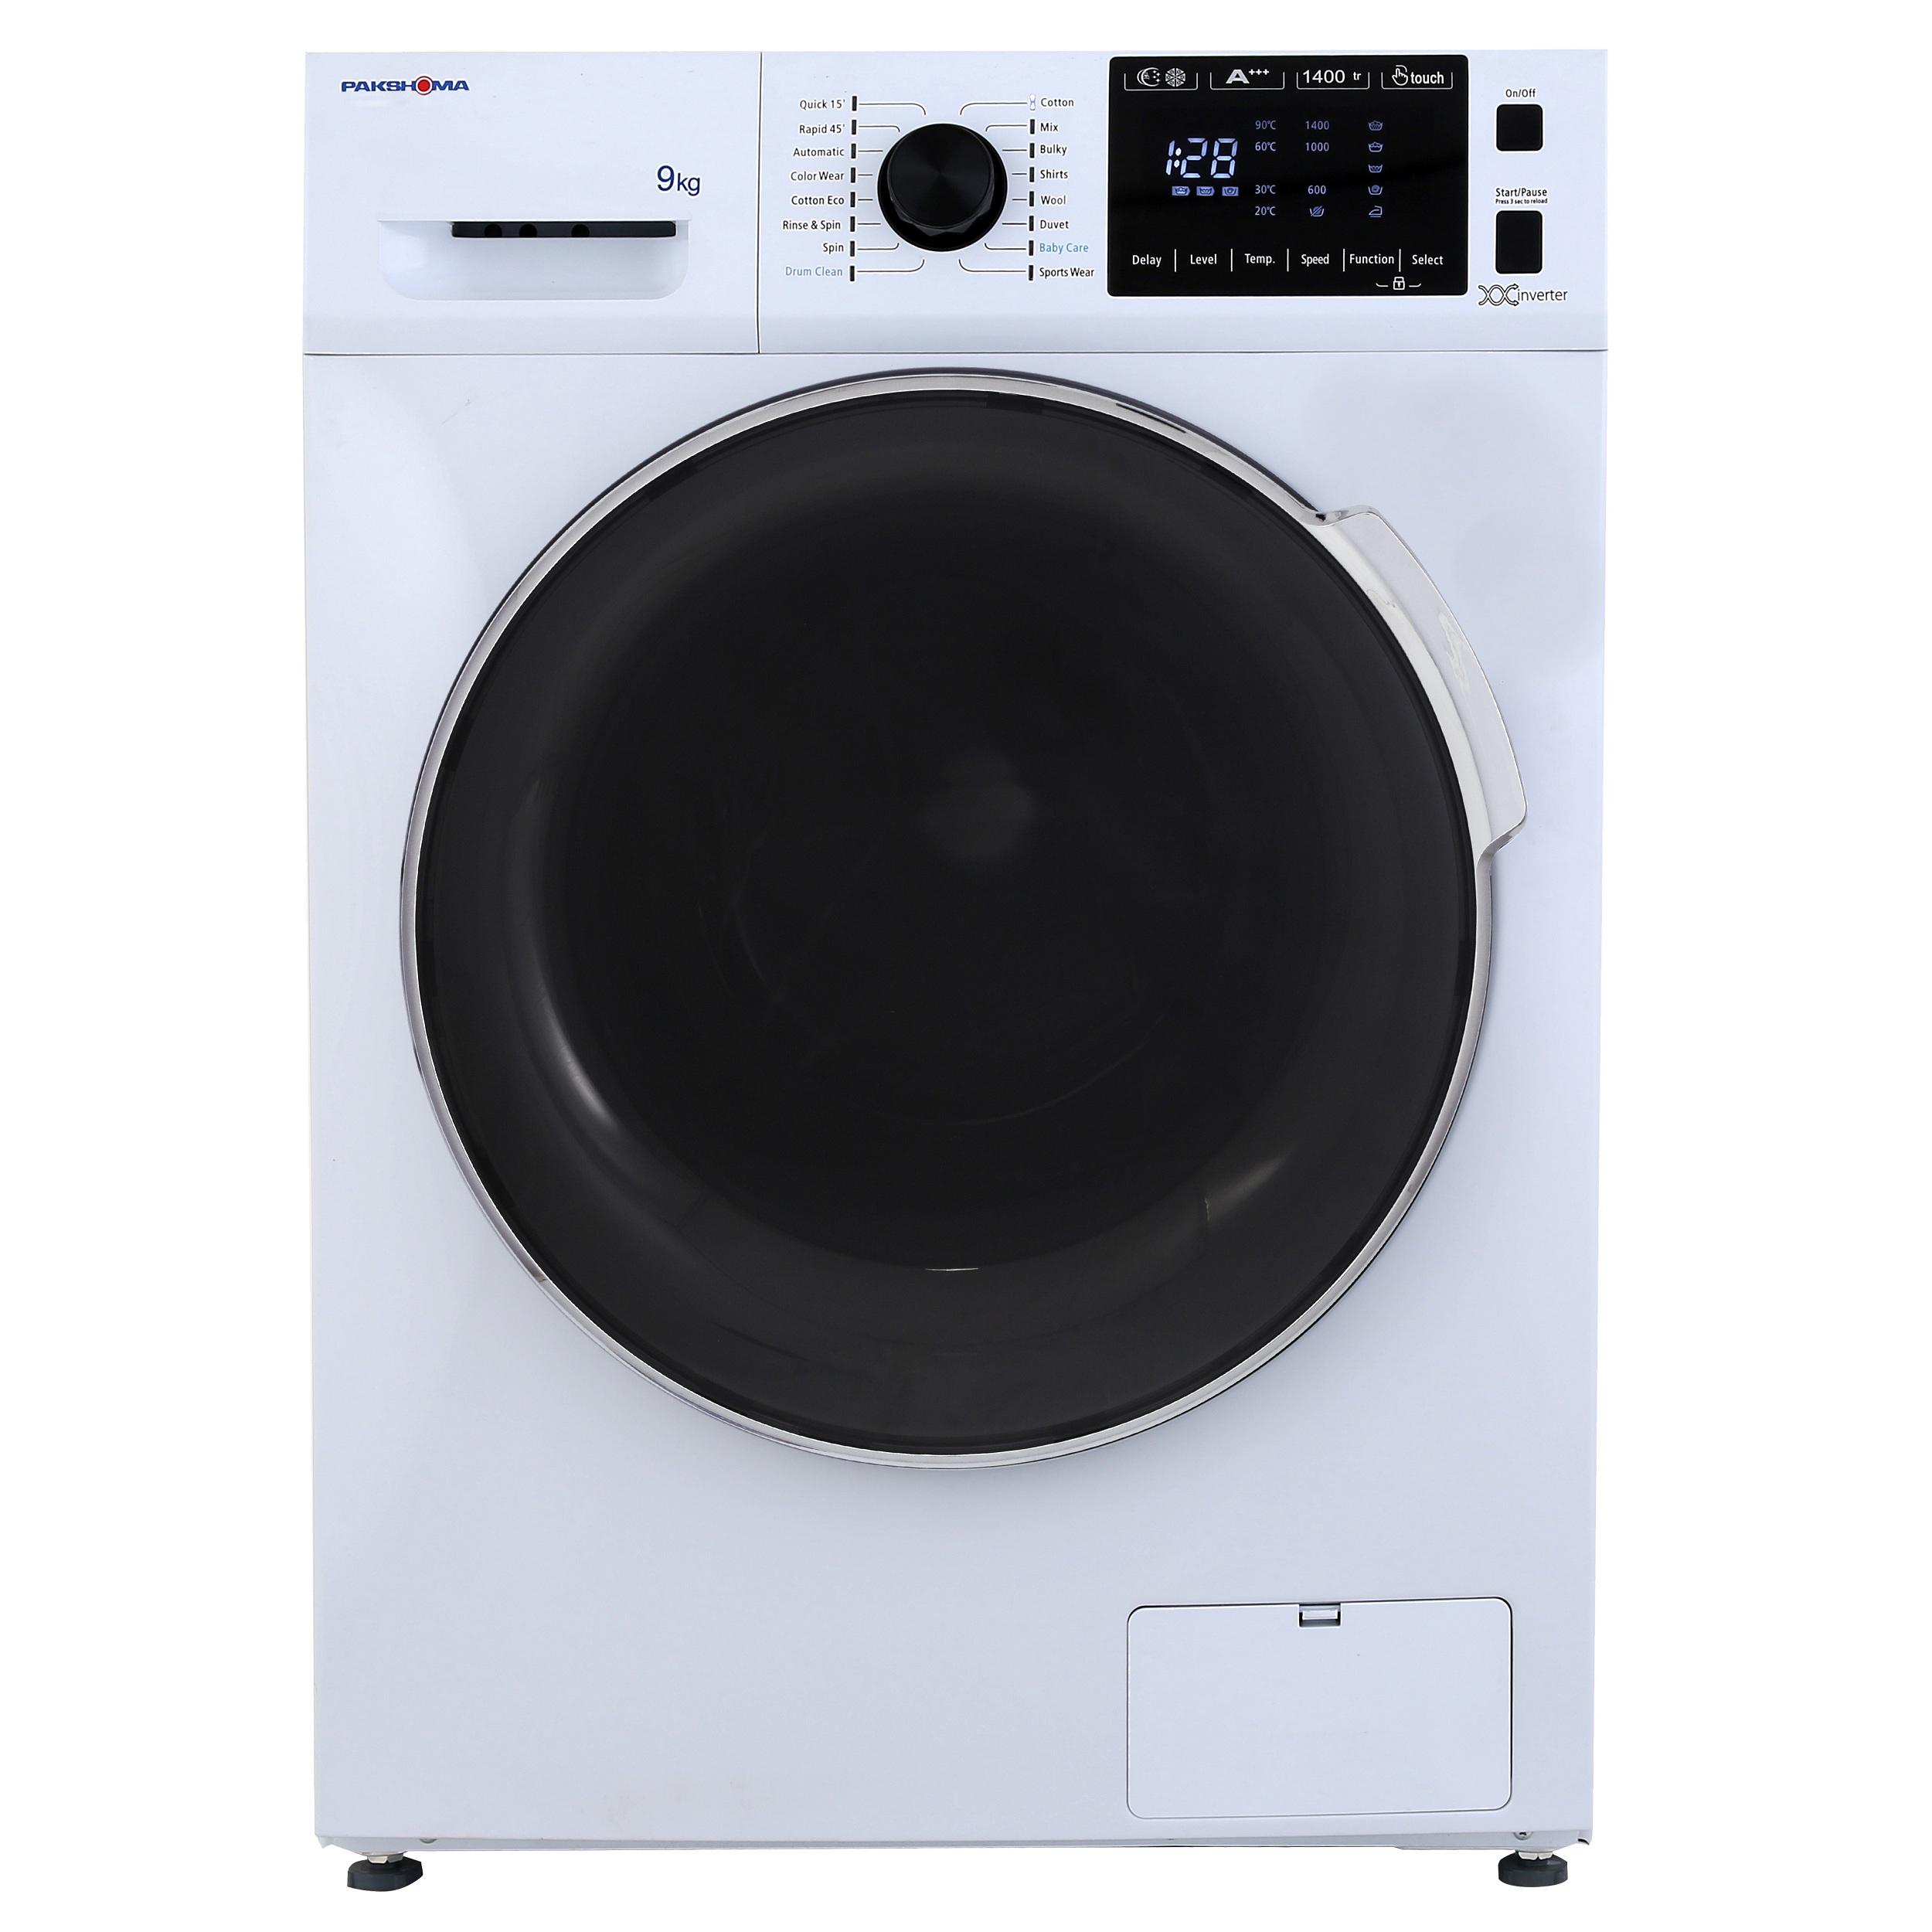 فروش نقدی یا اقساطی ماشین لباسشویی پاکشوما مدل TFI 94401 ظرفیت 9 کیلوگرم